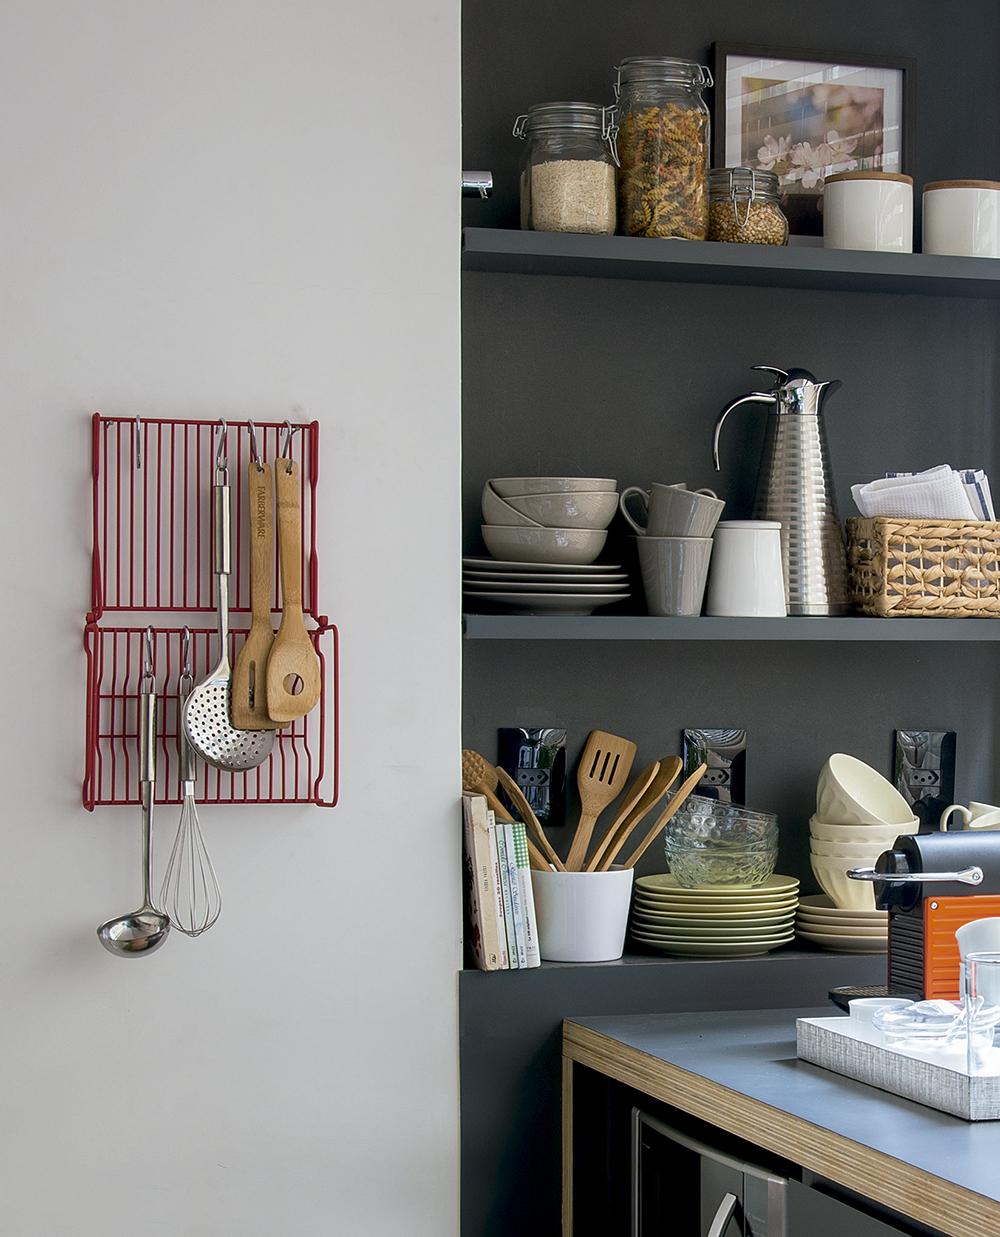 achados-de-home-centers-foto-08-cozinha